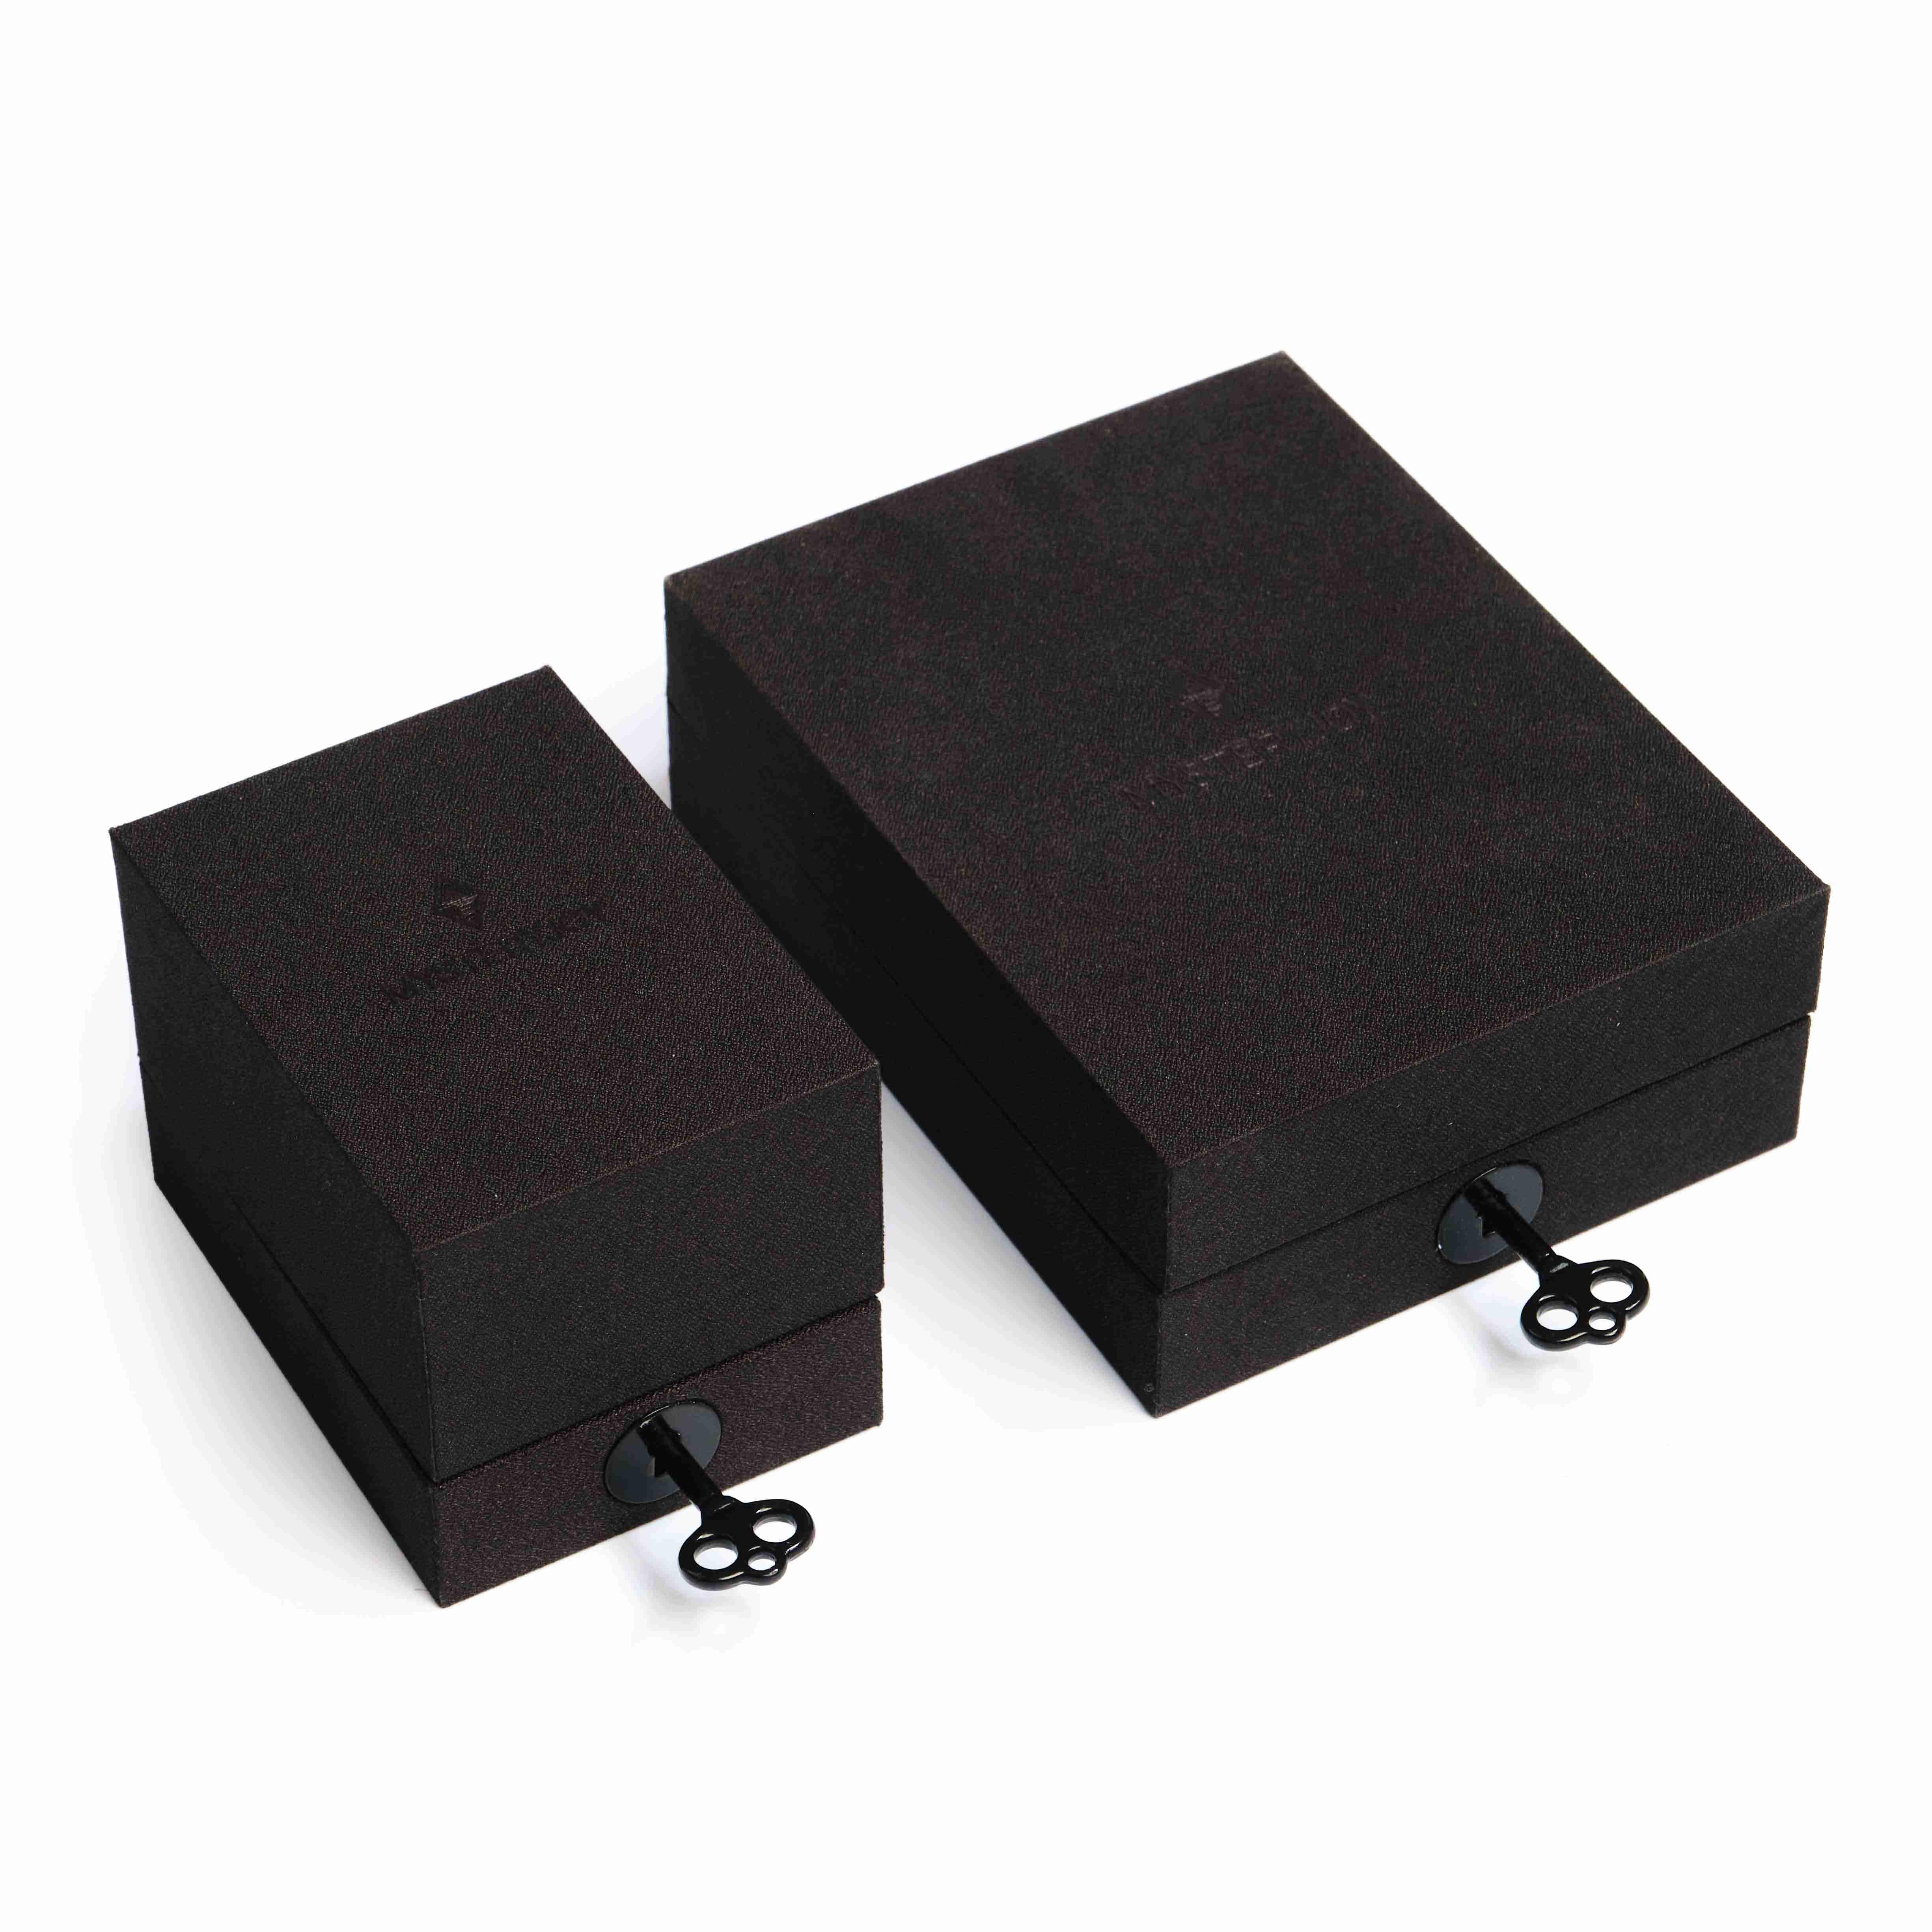 Mystery Joy Boxes